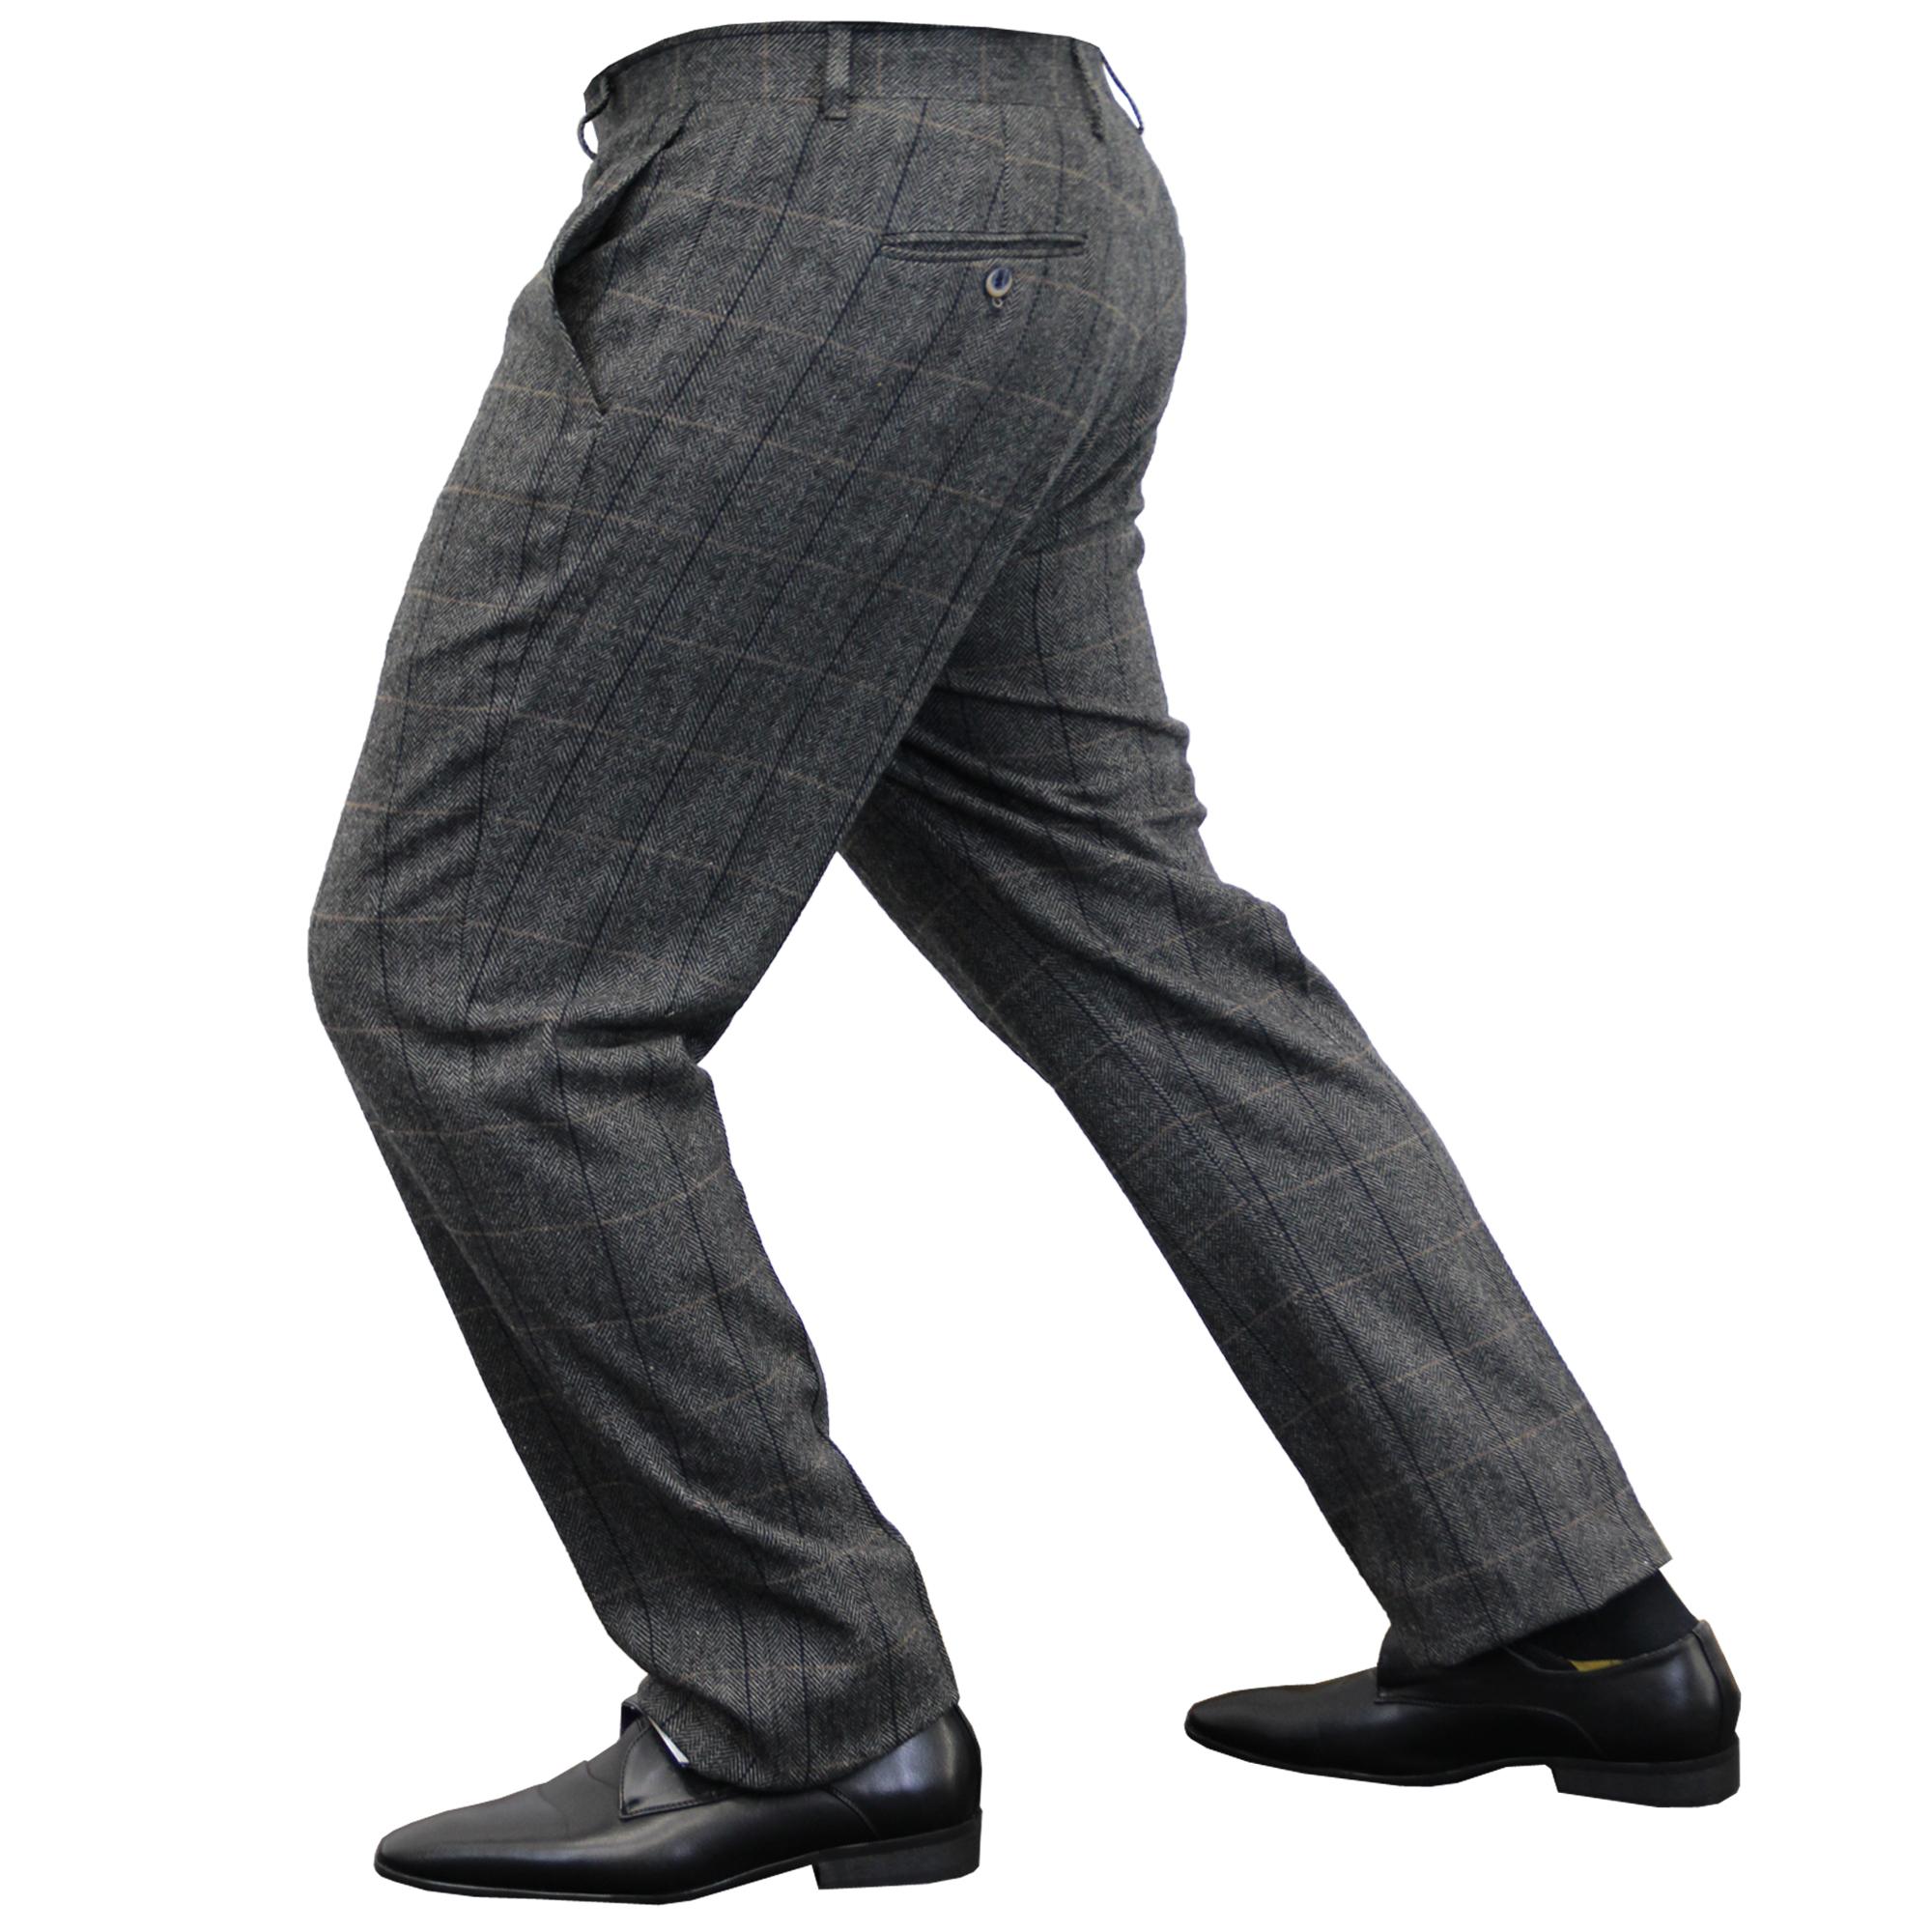 Mens-Wool-Mix-Trousers-Cavani-Tweed-Herringbone-Checked-Pants-Office-Work-New thumbnail 3